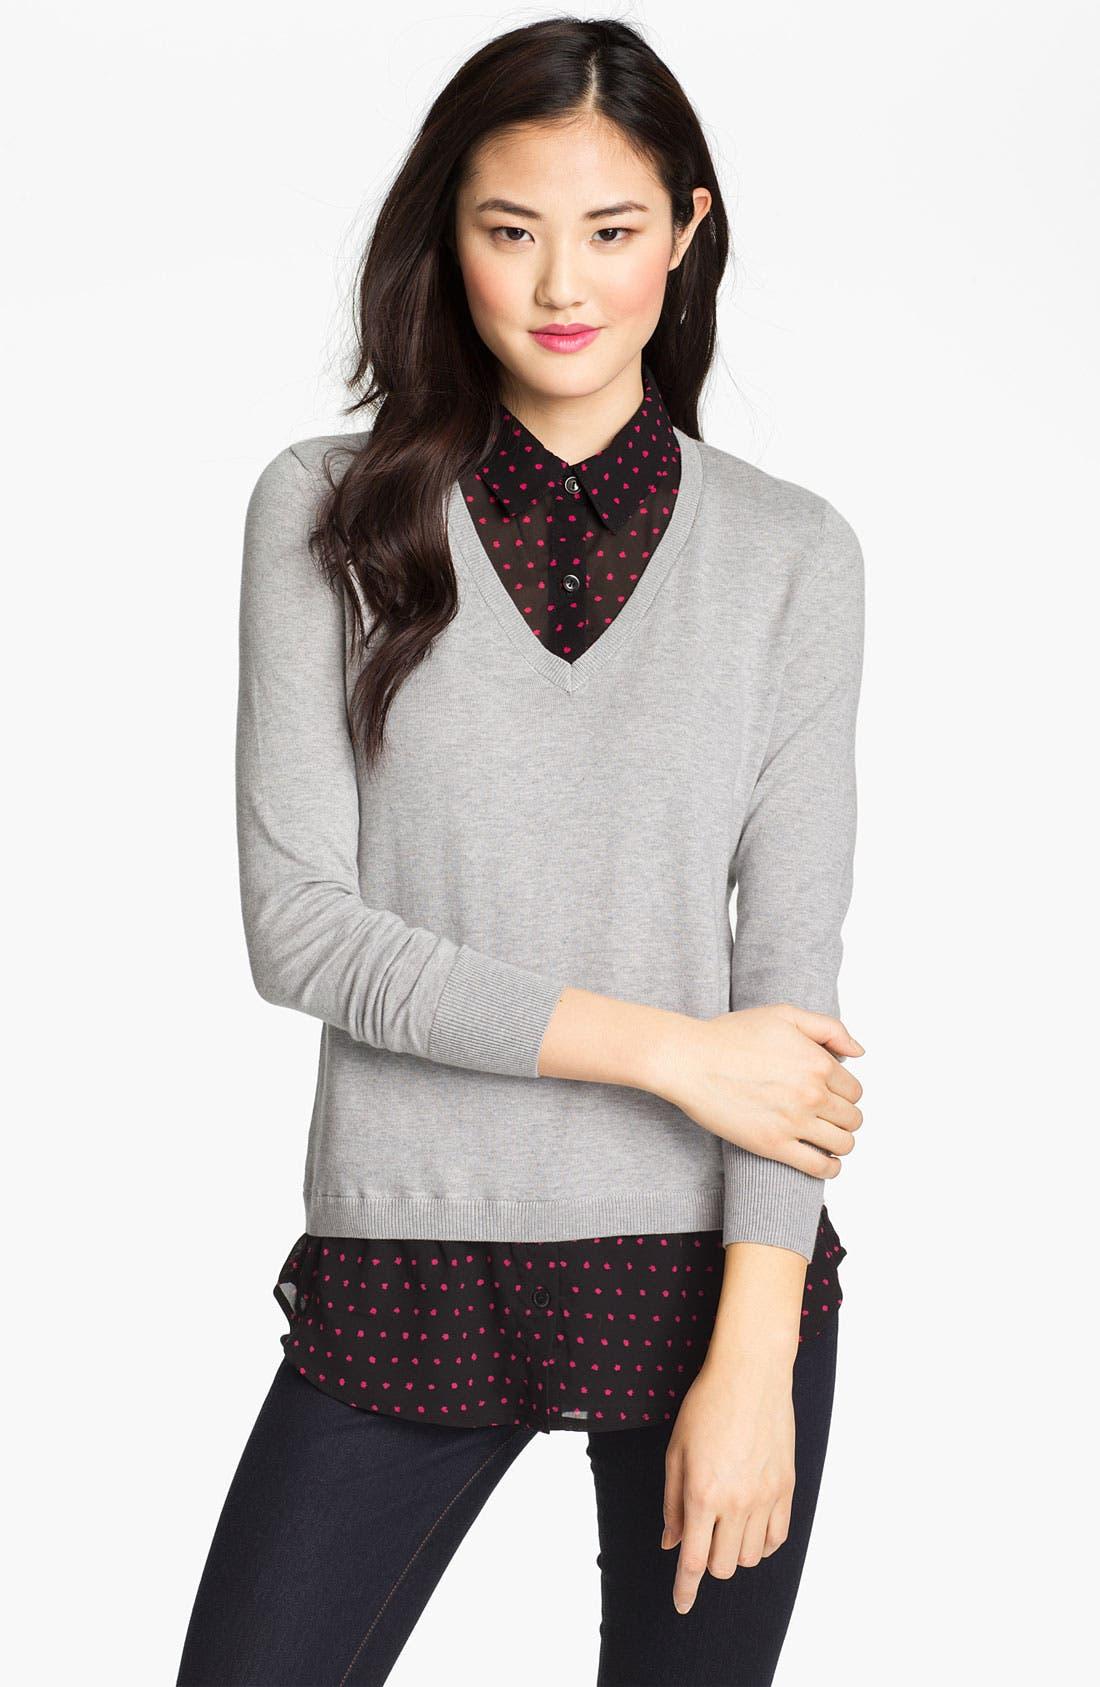 Alternate Image 1 Selected - Halogen Mock Sweater & Blouse Set